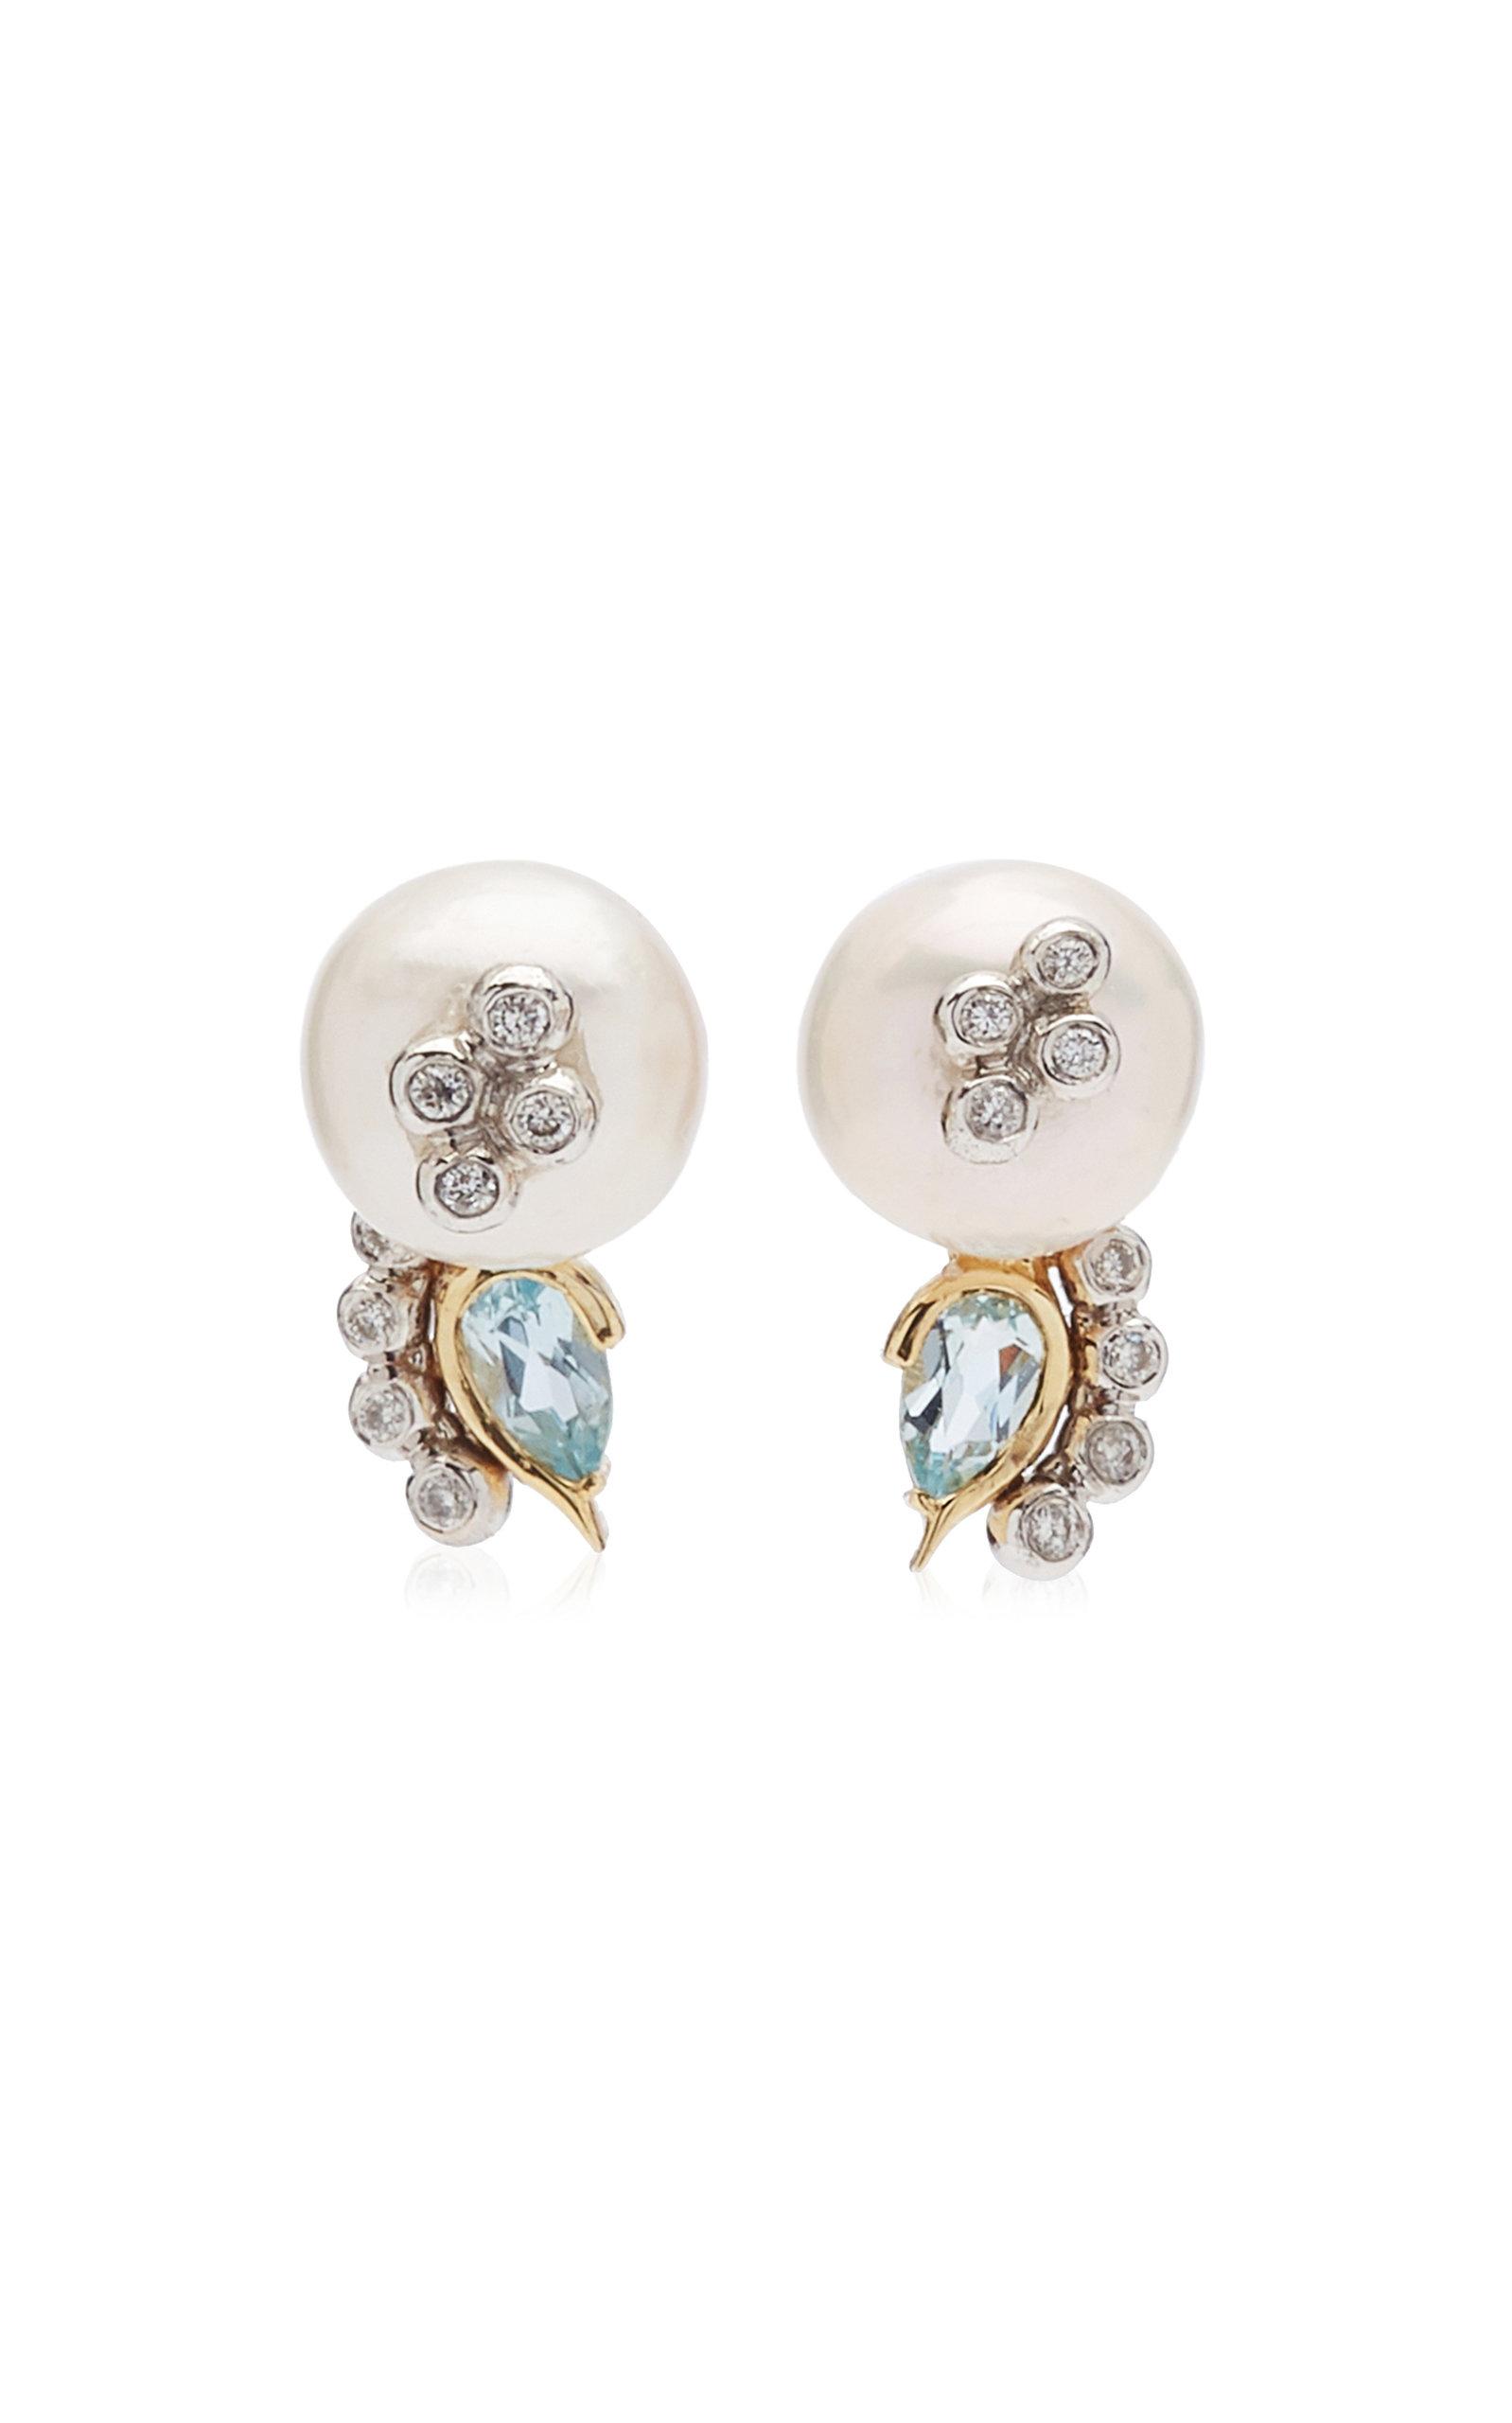 Women's Mediterranean Garden 14K Yellow Gold Multi-Stone Earrings